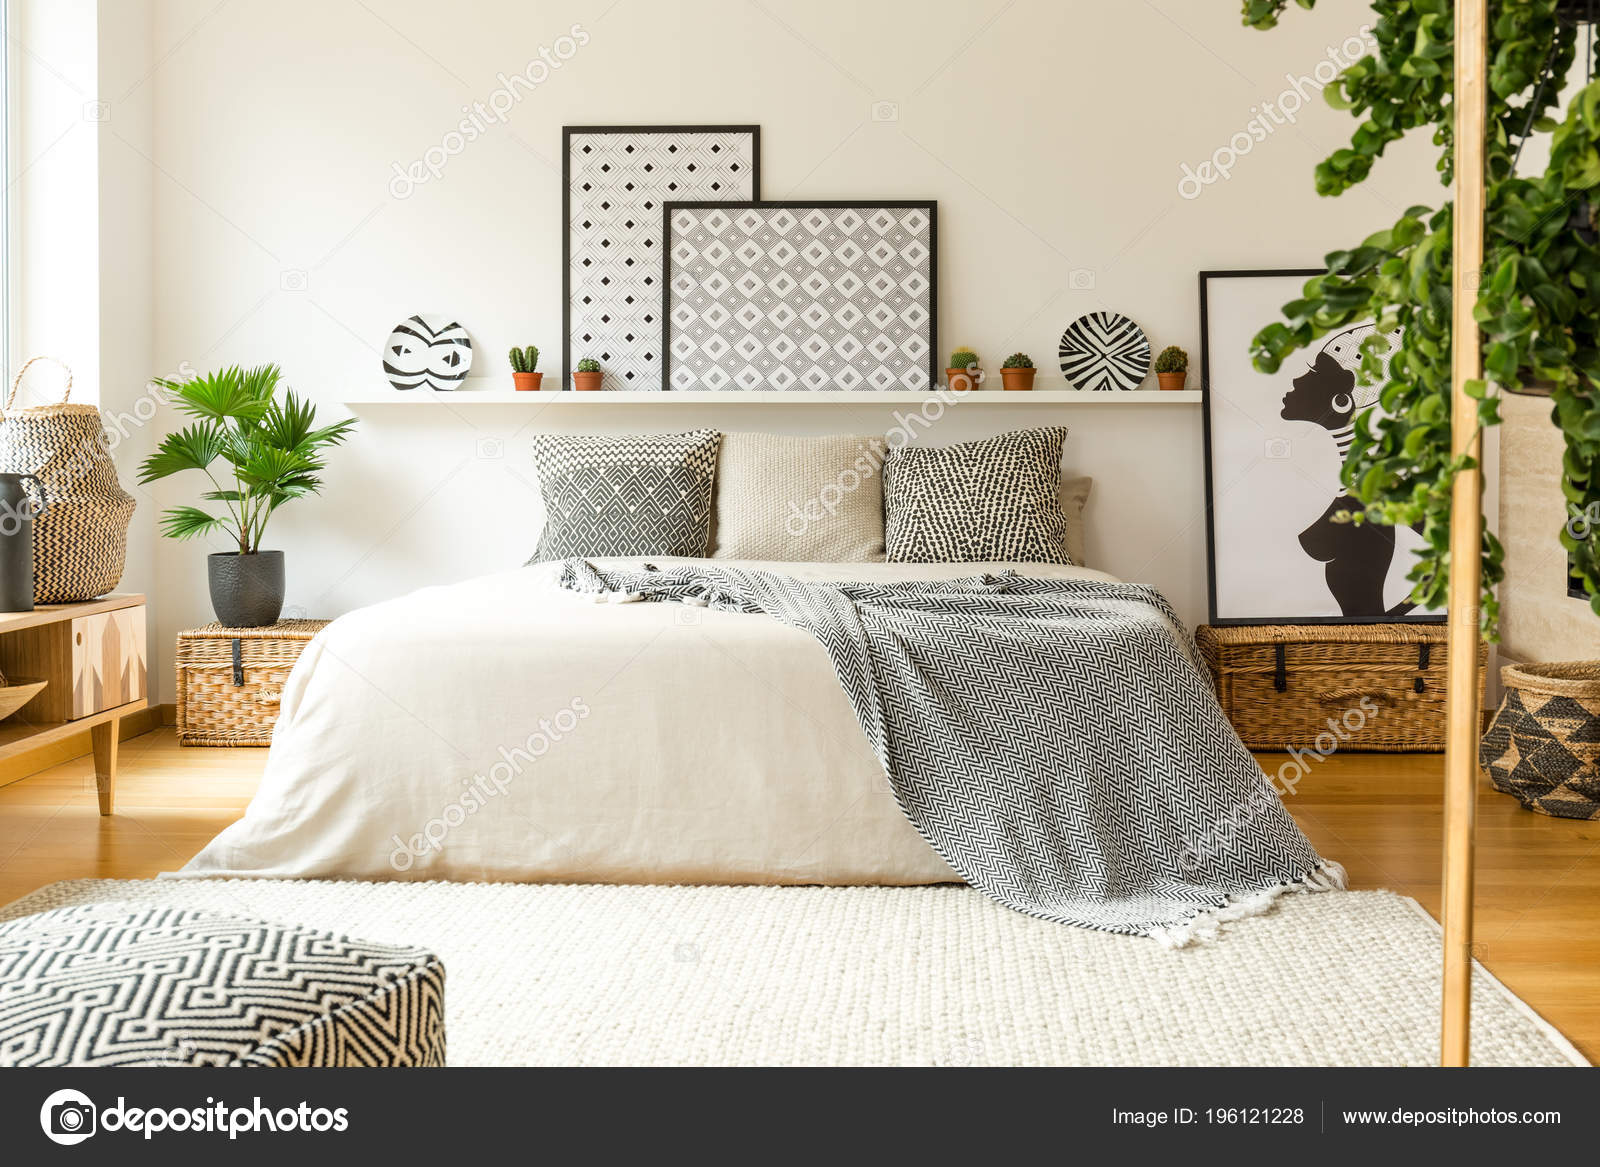 Interieur Chaleureux Chambre Avec Lit Douillet Motifs Couverture